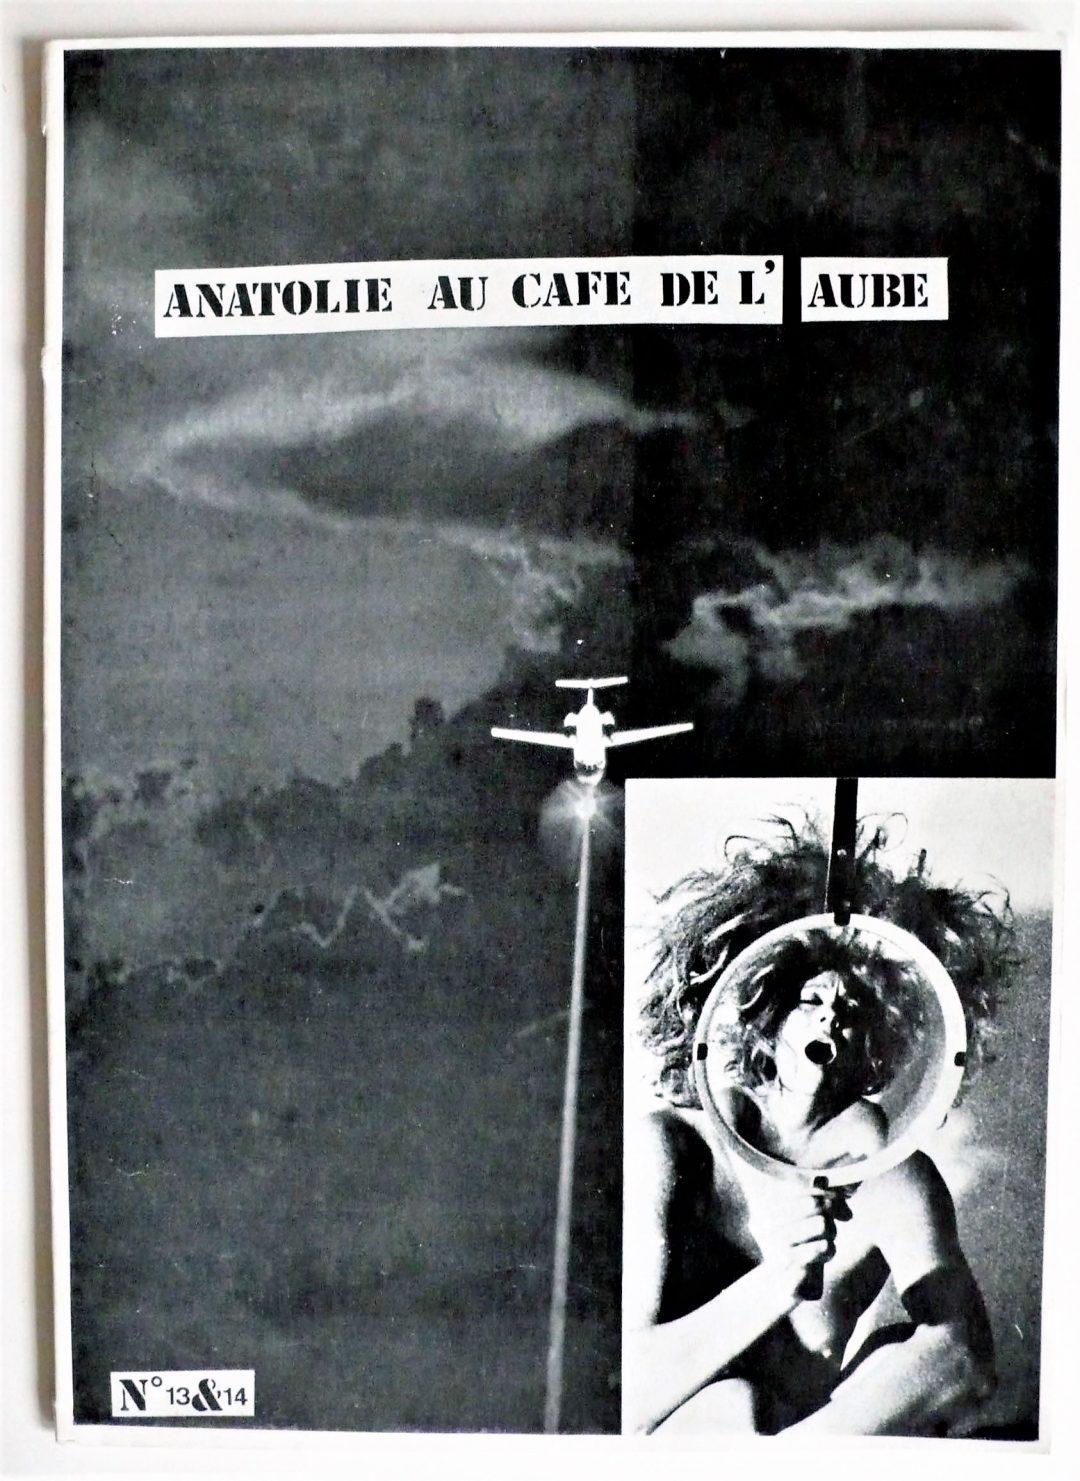 Anatolie au café de l'aube